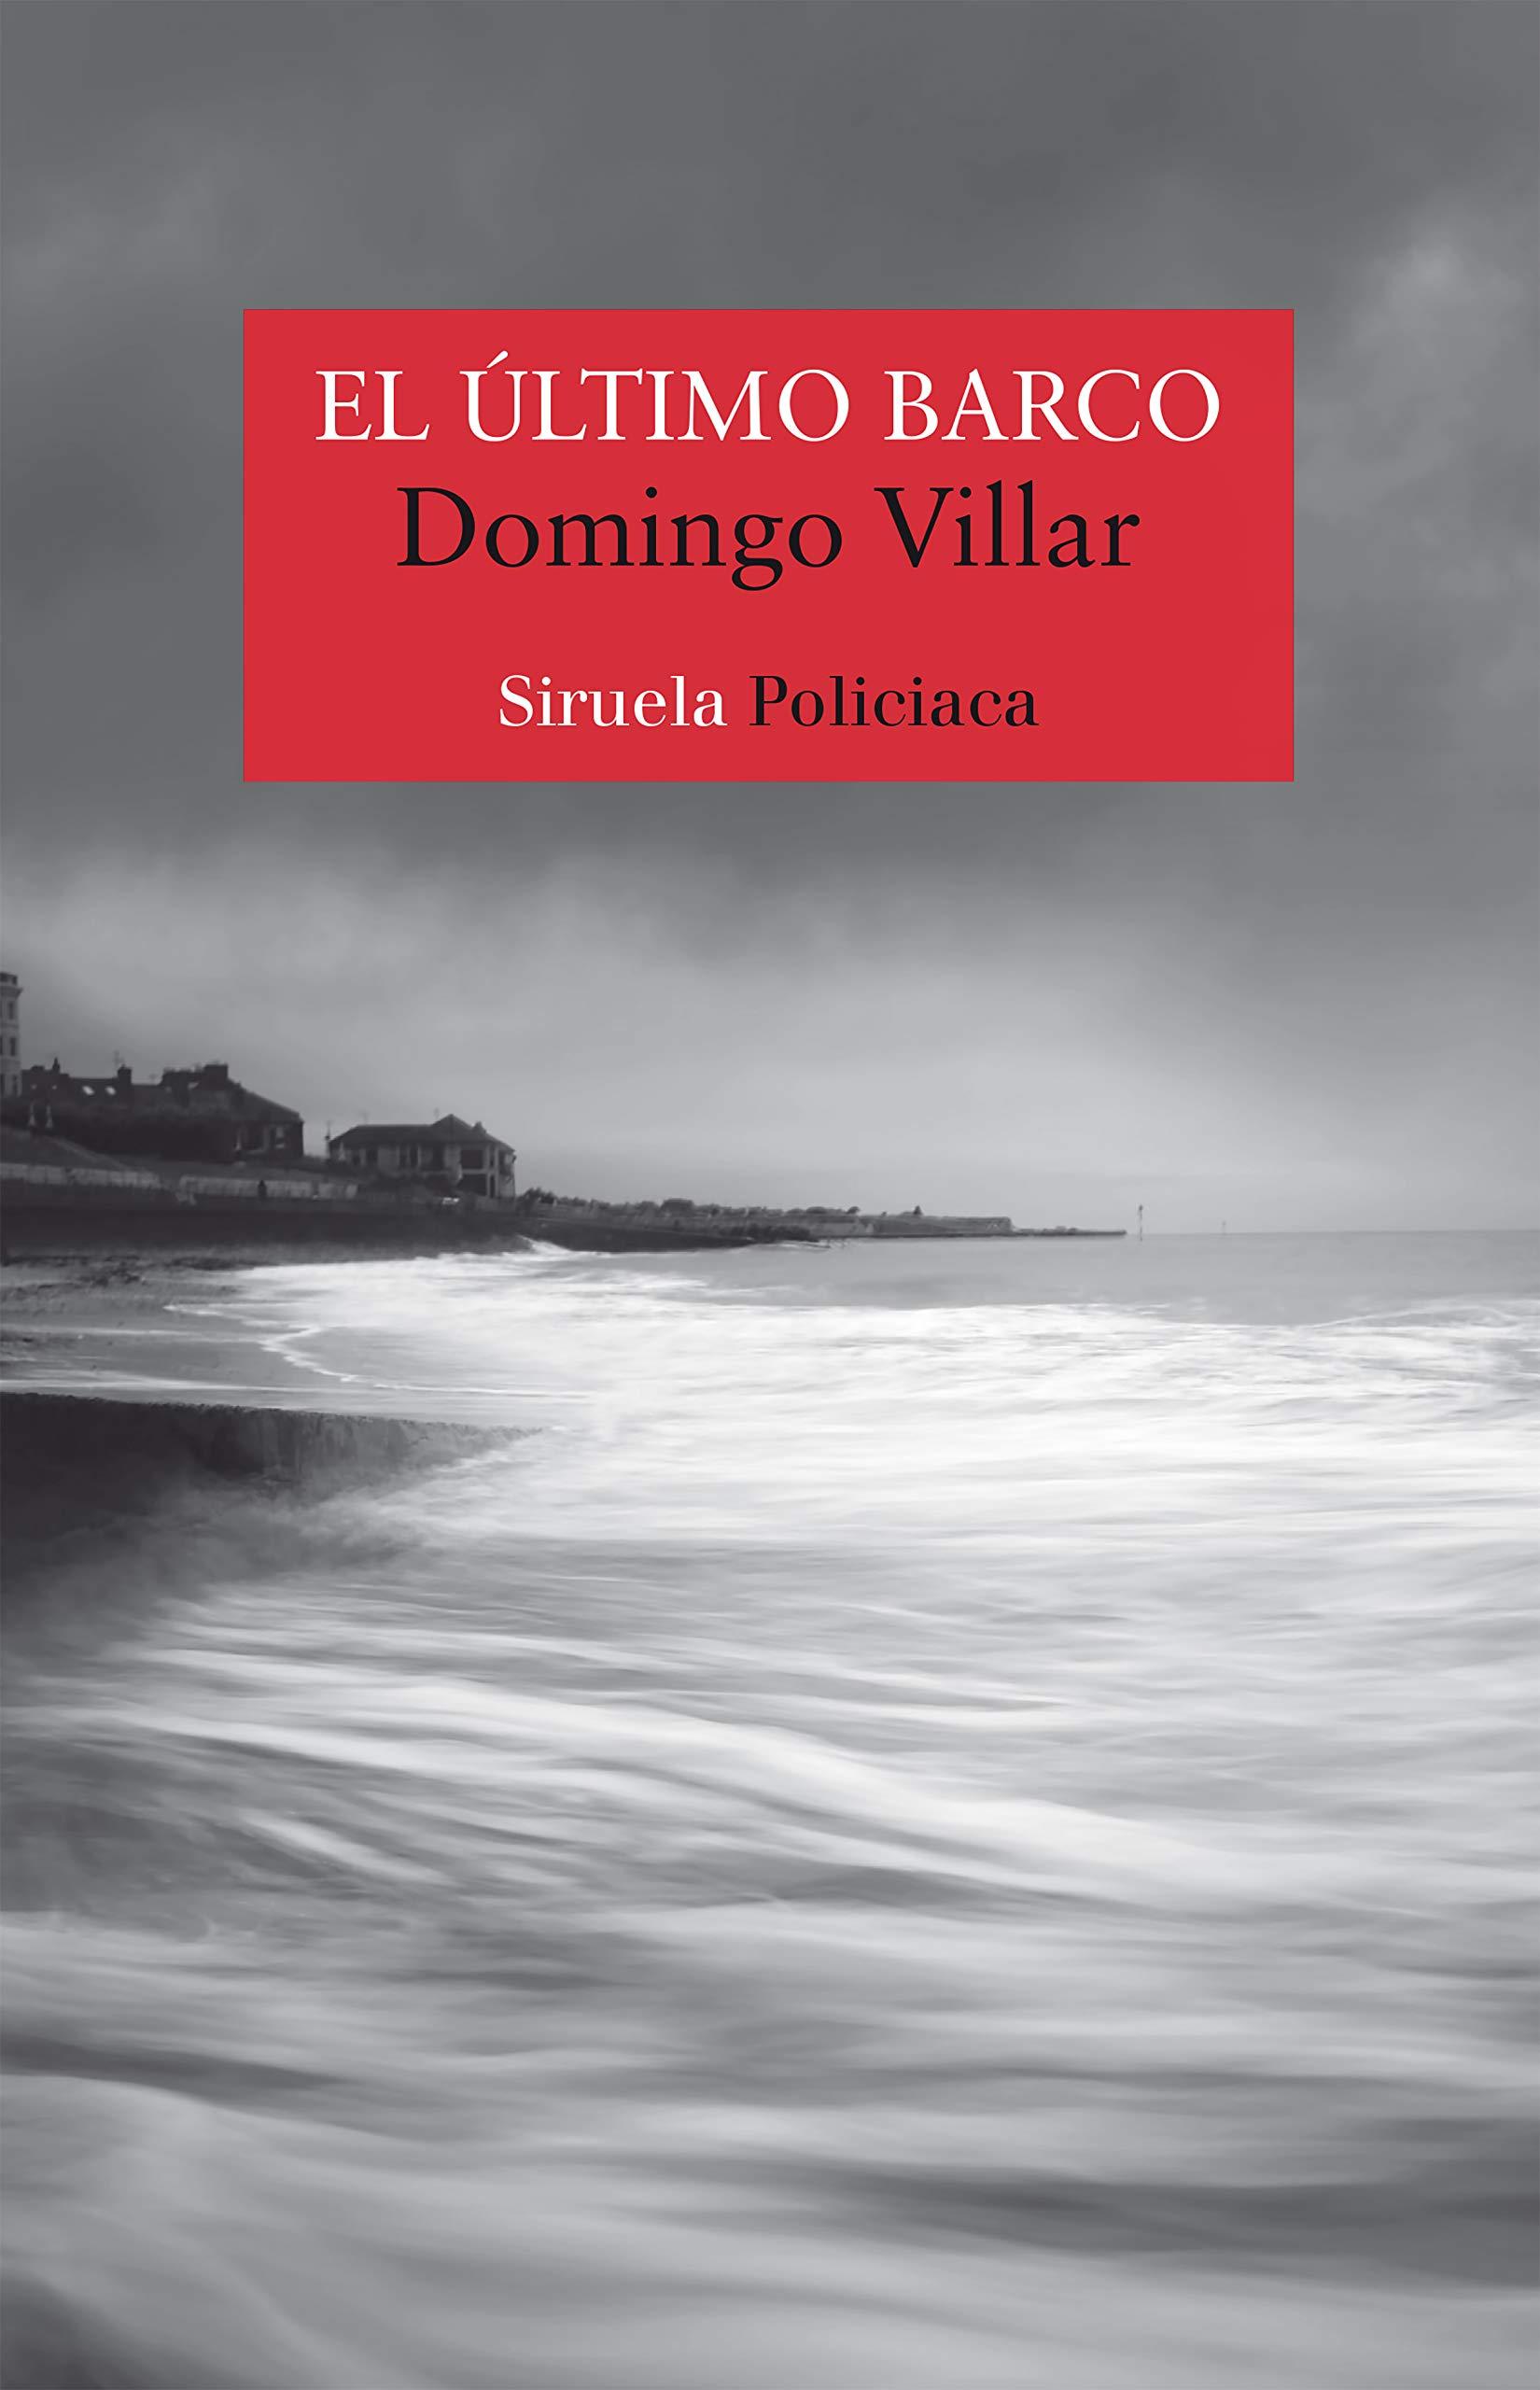 El último barco (Nuevos Tiempos nº 424) por Domingo Villar